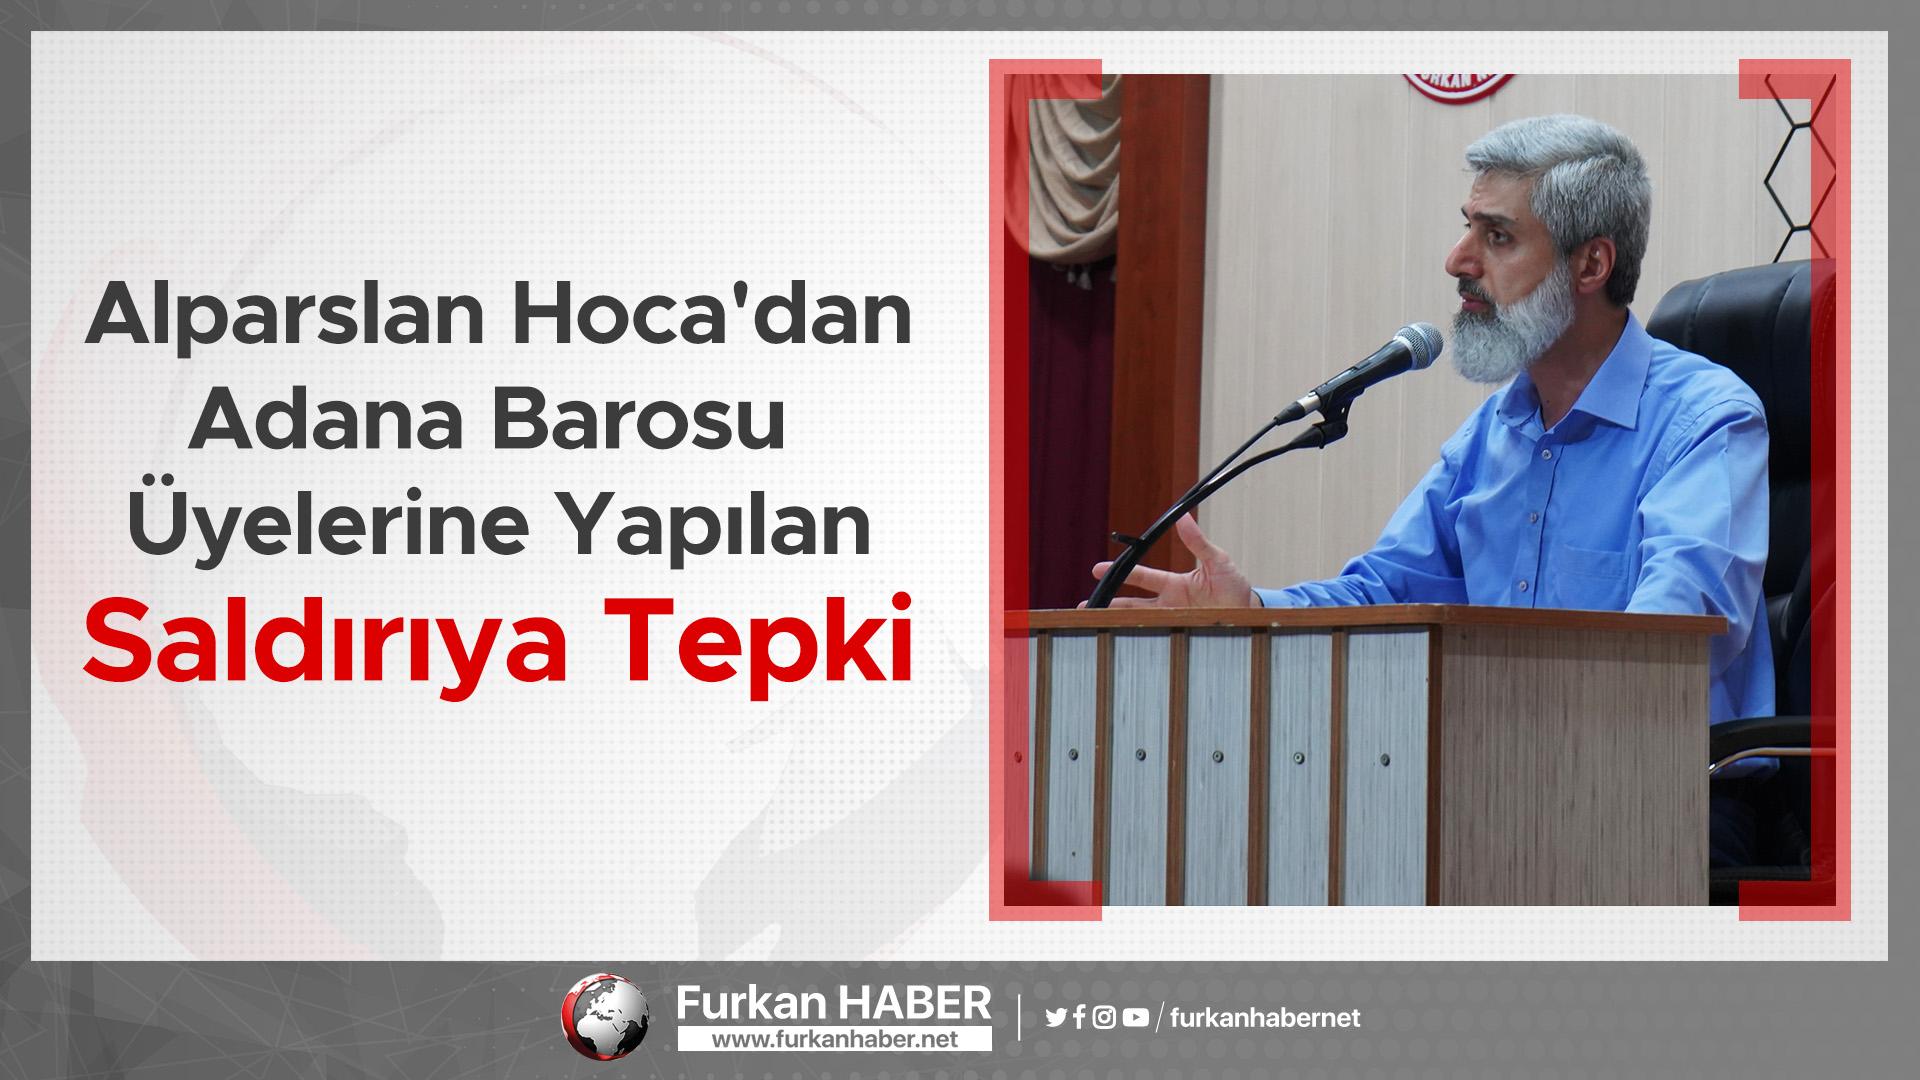 Alparslan Hoca'dan Adana Barosu Üyelerine Yapılan Saldırıya Tepki